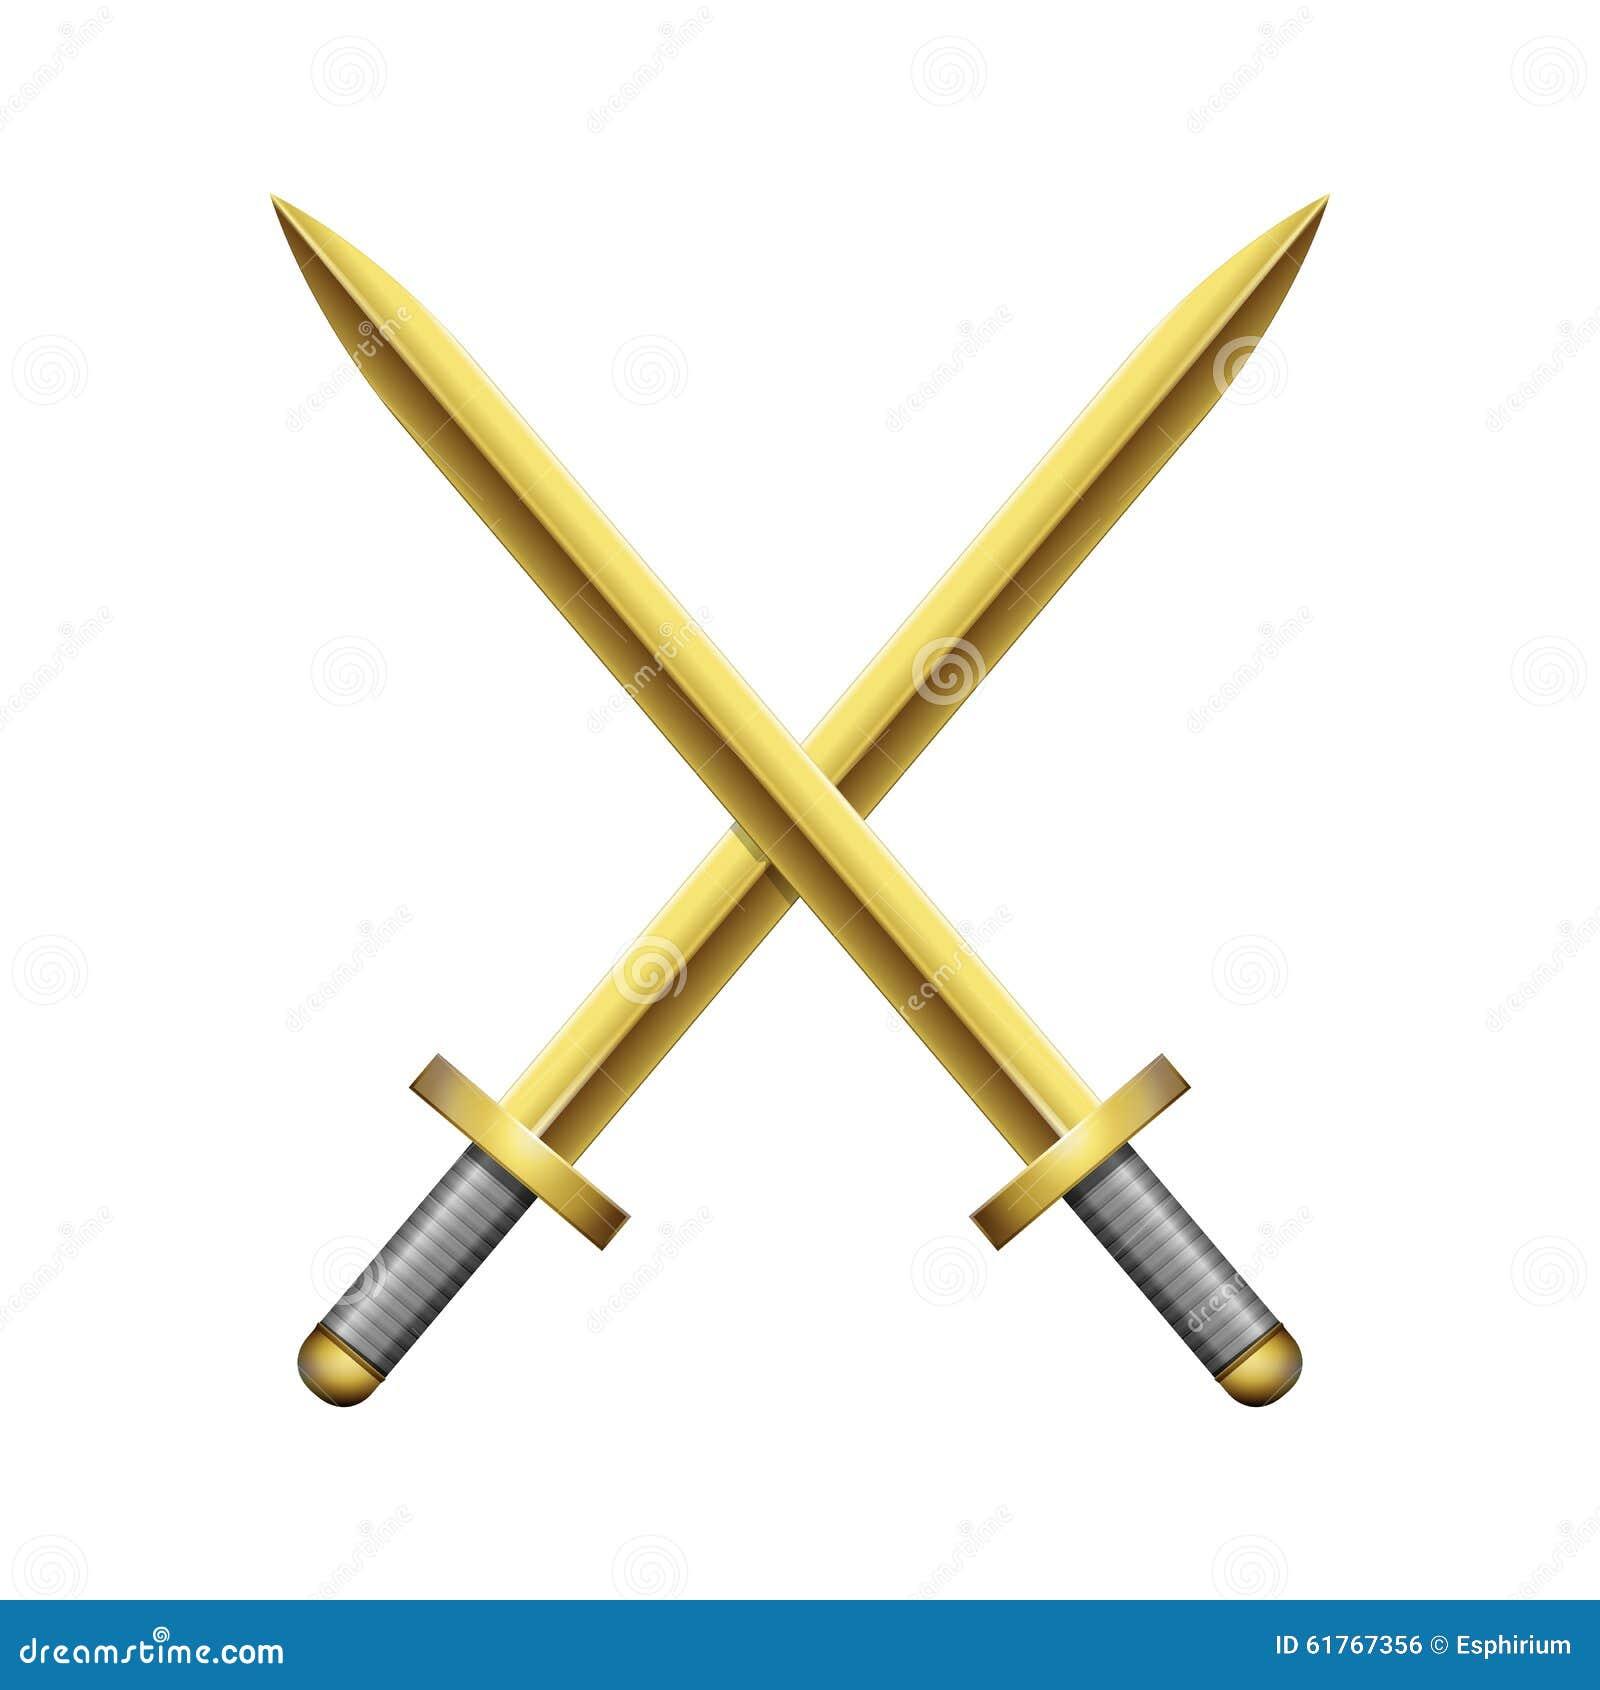 Two Crossed Golden Swords Stock Vector - Image: 61767356